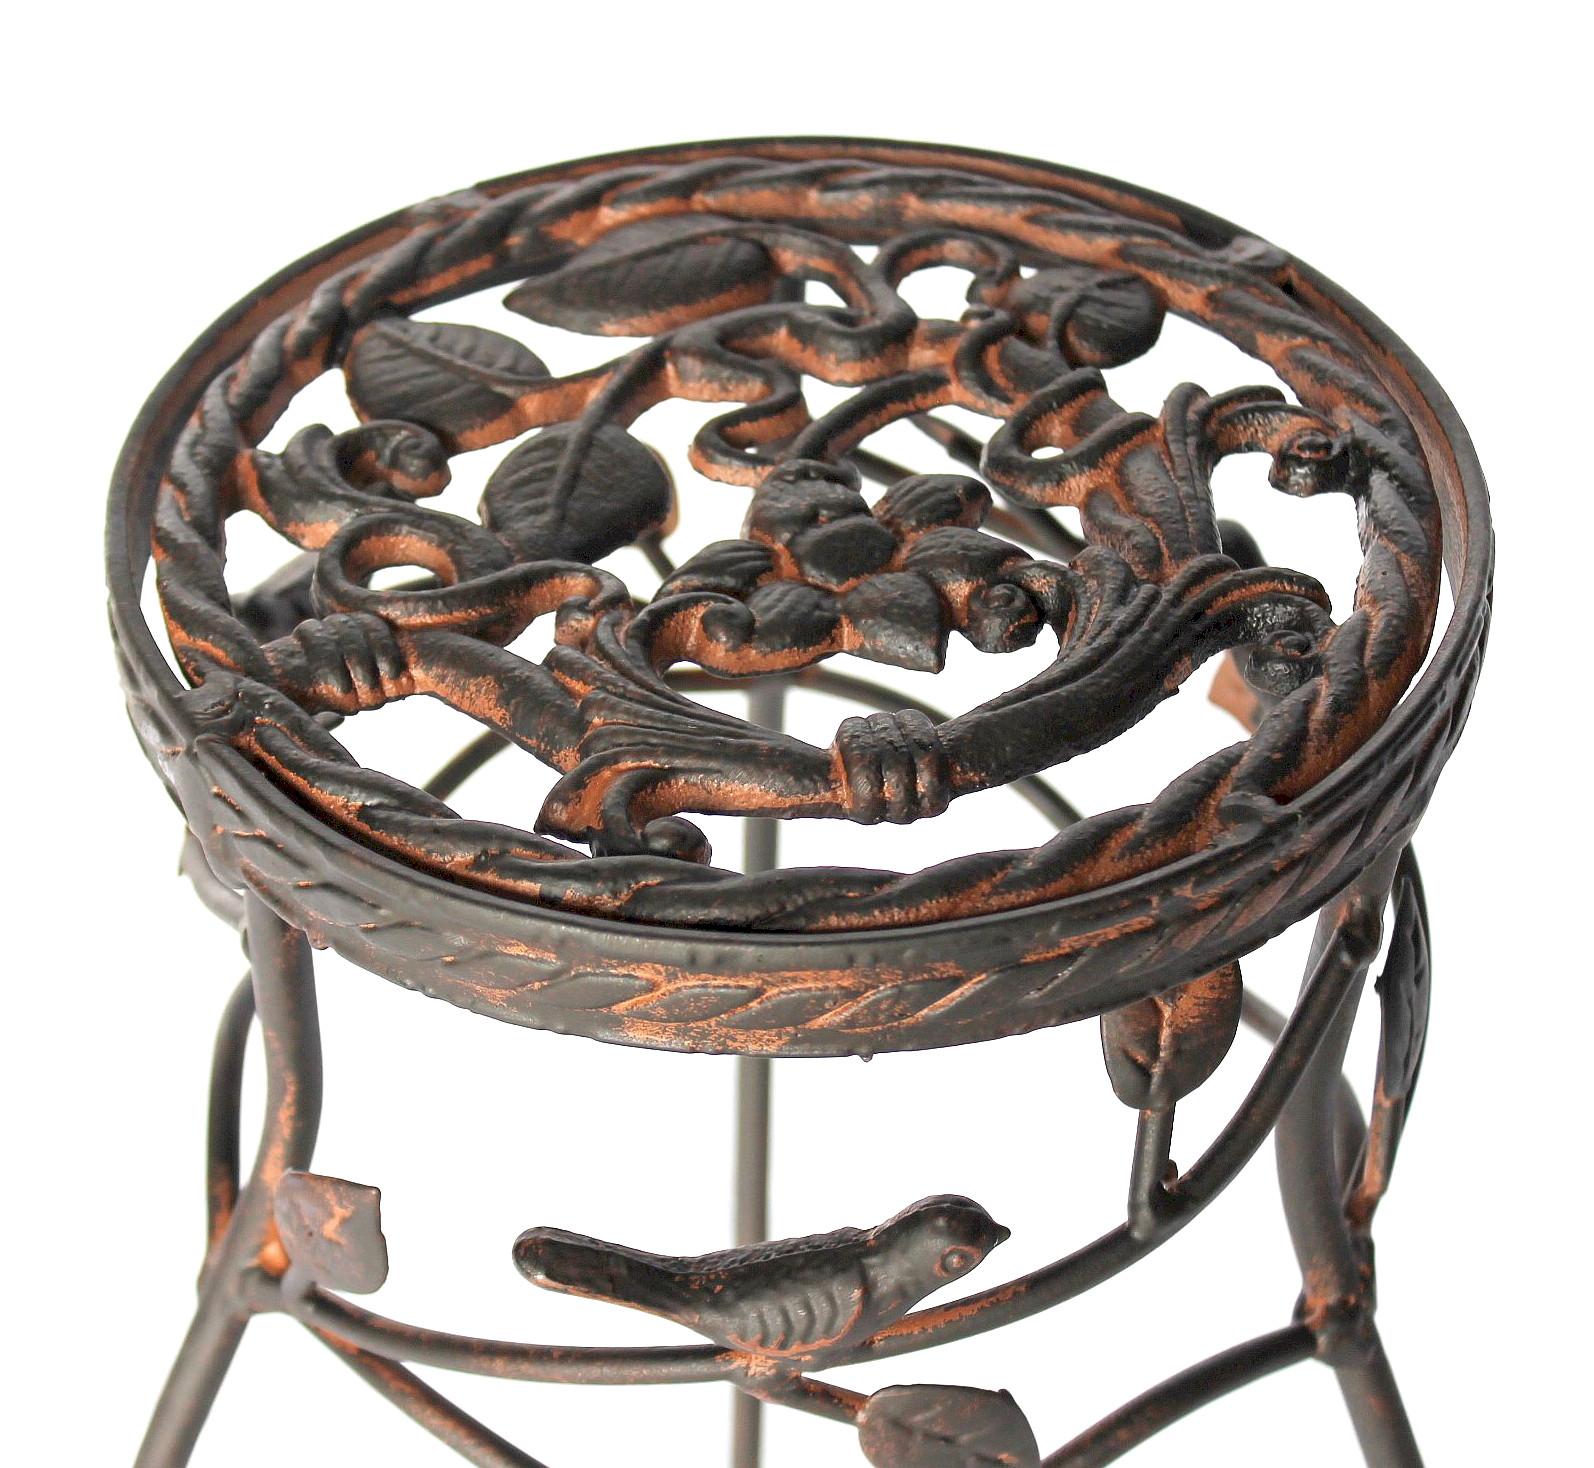 Sgabello porta fiori antico tondo metallo tavolino colonna